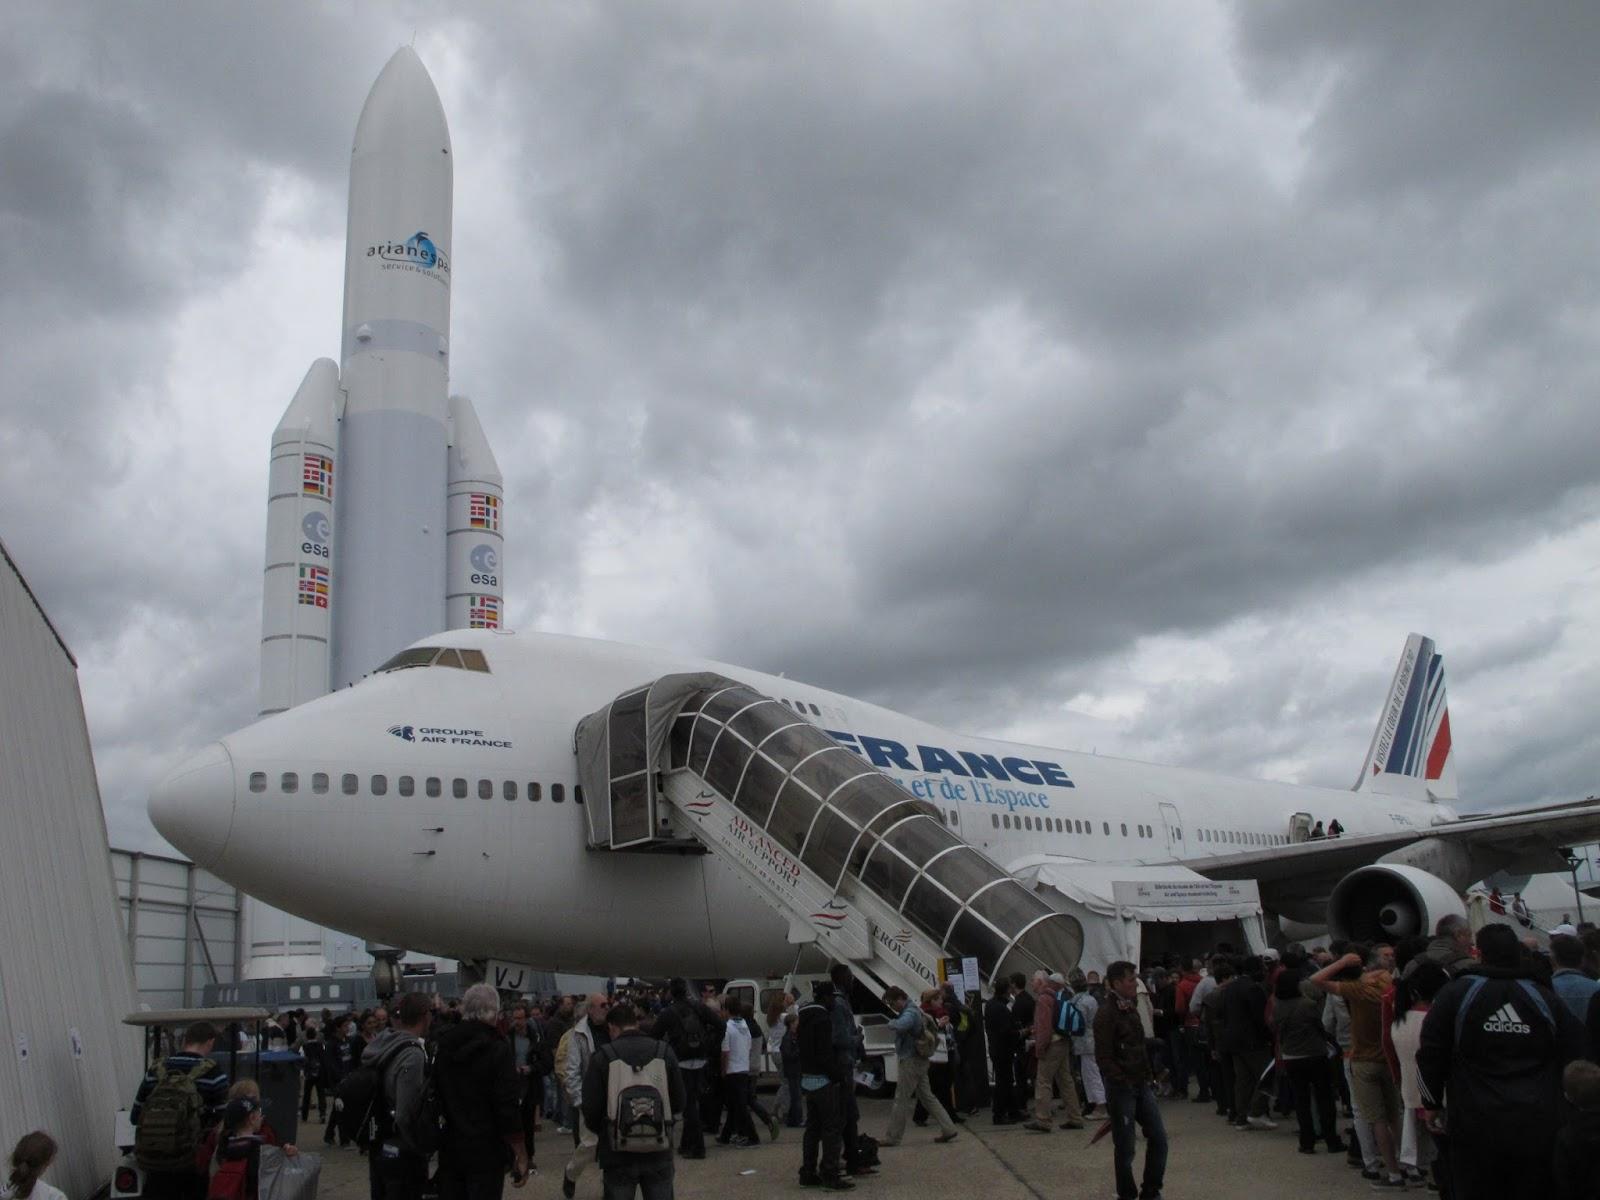 Round the world trip le bourget paris air show for Bourget paris